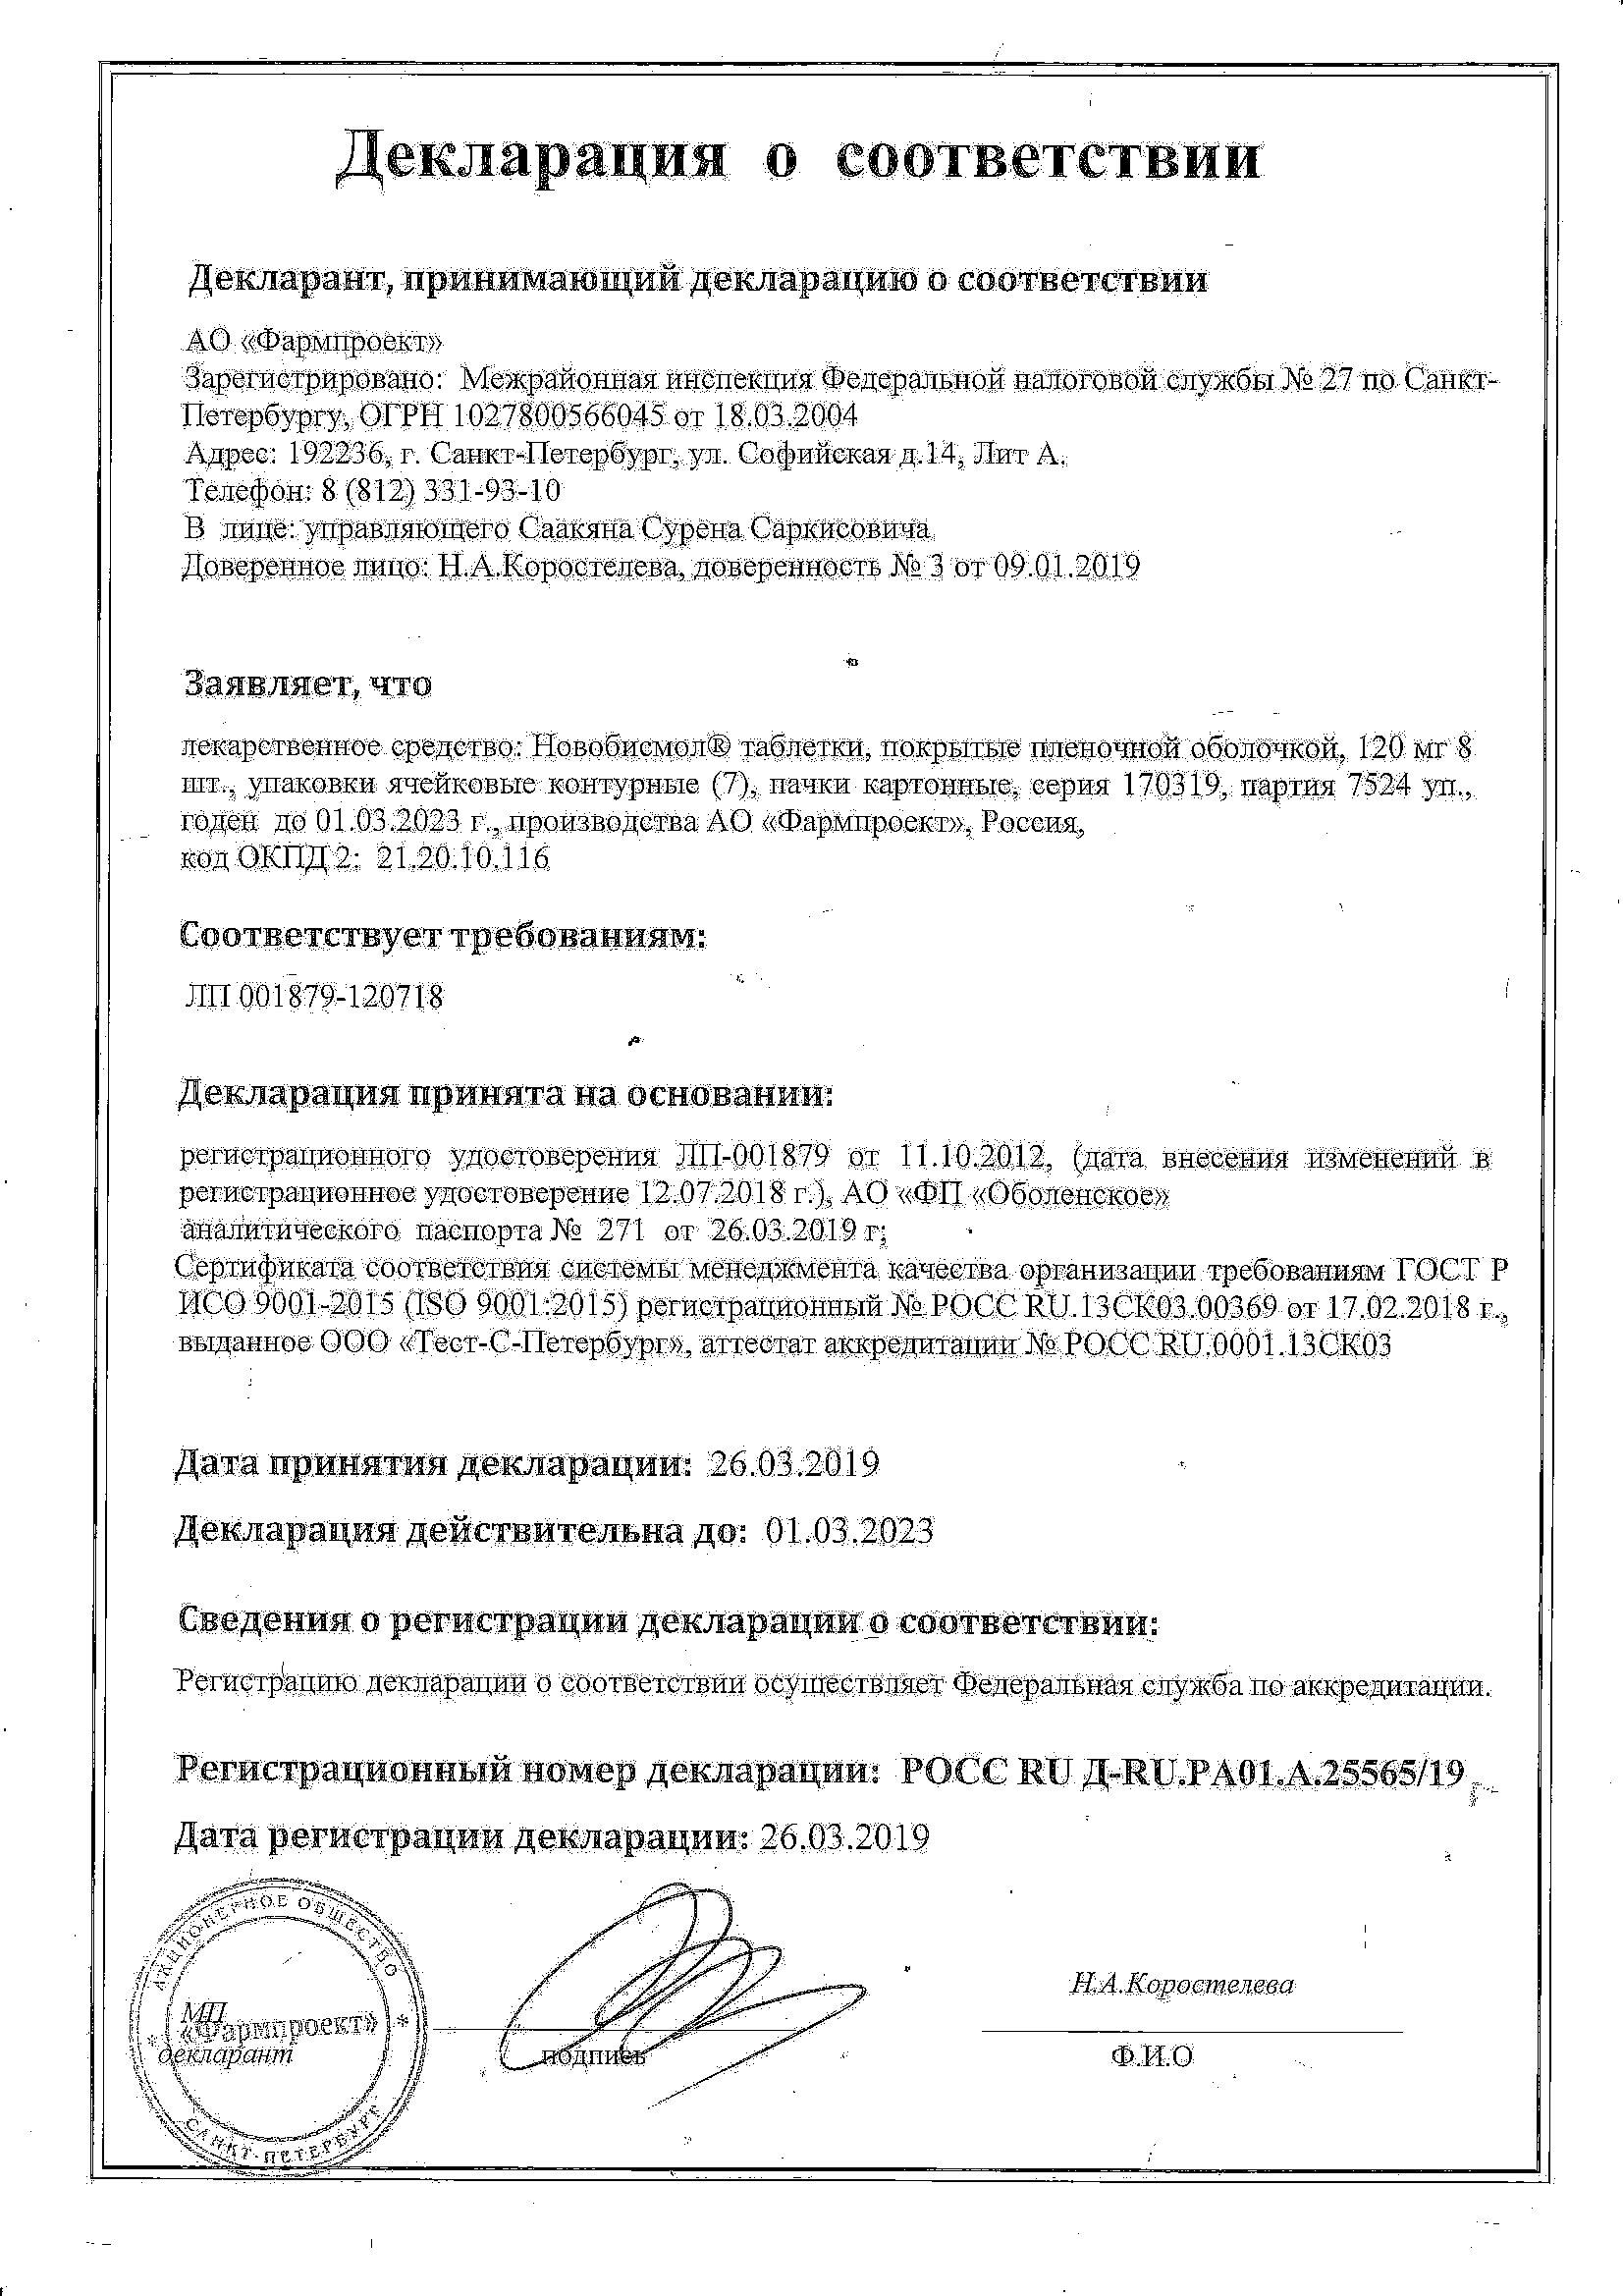 Новобисмол: инструкция по применению, аналоги и отзывы, цены в аптеках россии